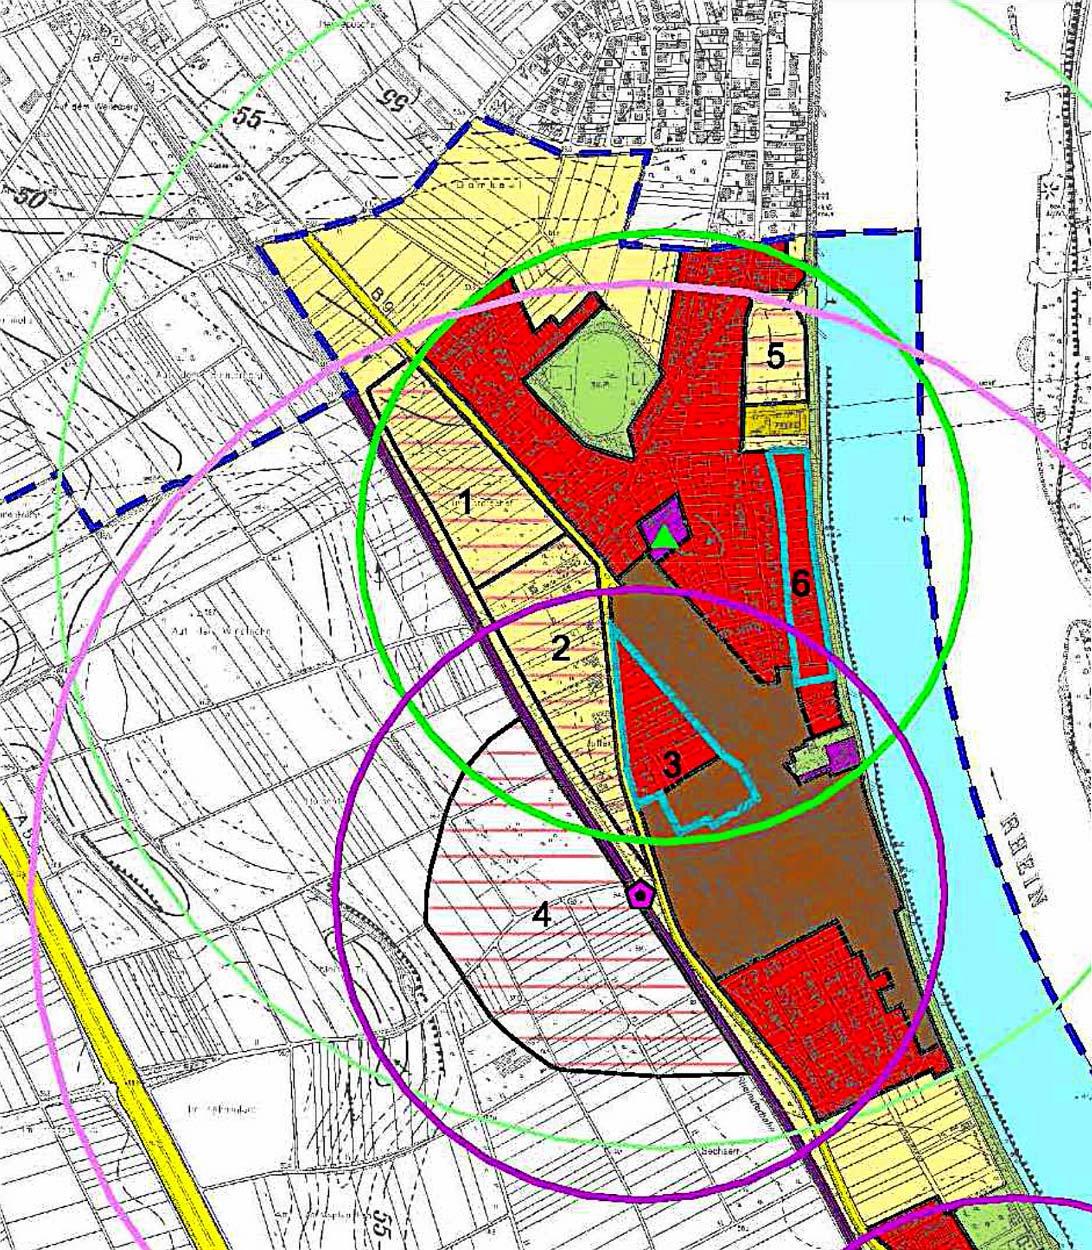 Bornheim Flächennutzungsplanung Planquadrat Dortmund